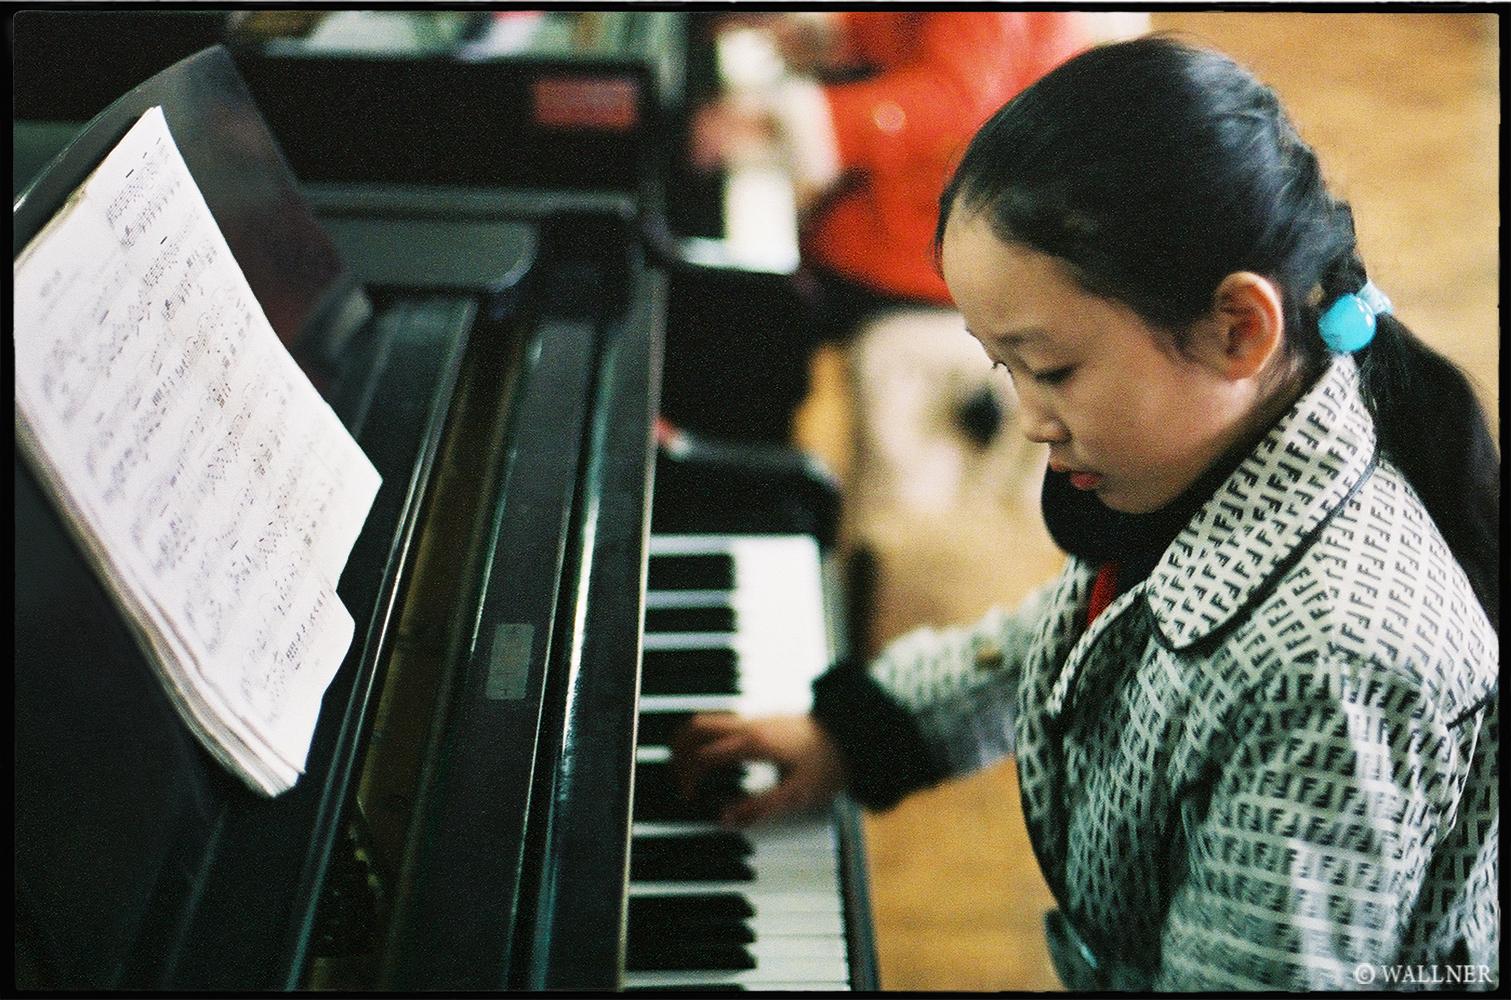 35mmPatrikWallner_Pyongyang_SchoolVisitPianoLOWQ